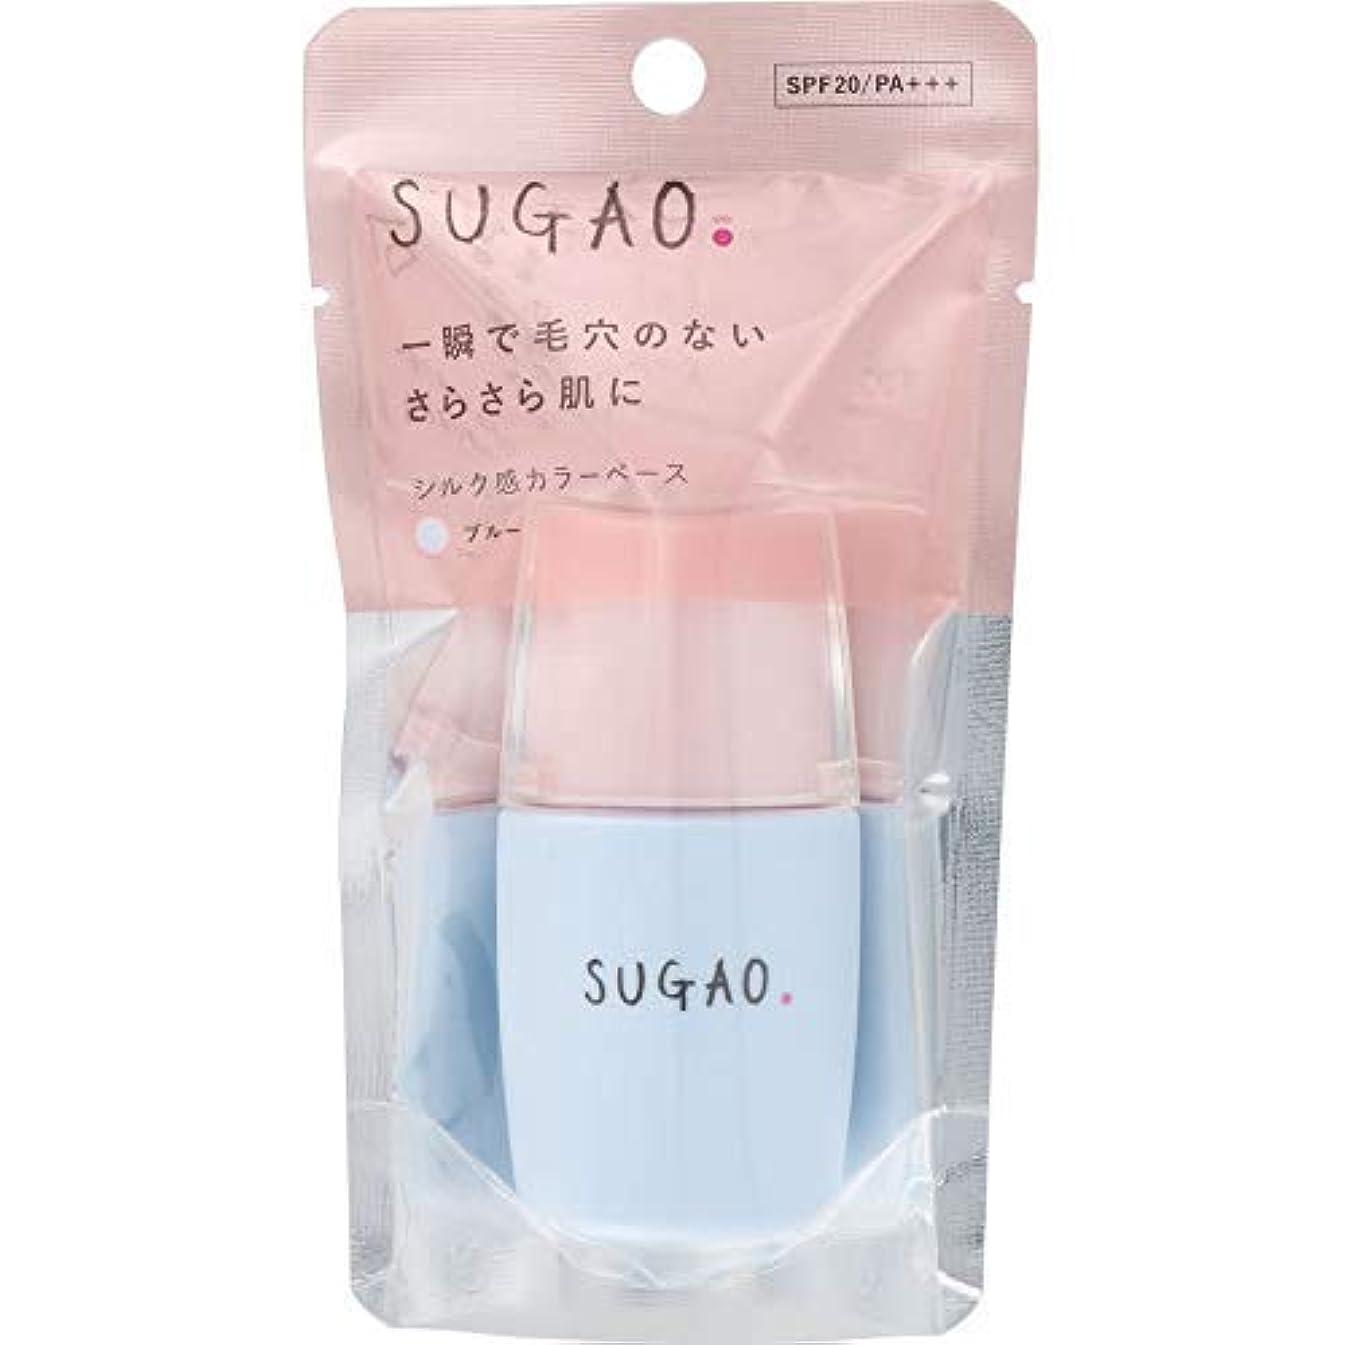 語マスタードペレグリネーションSUGAO シルク感カラーベース ブルー × 10個セット